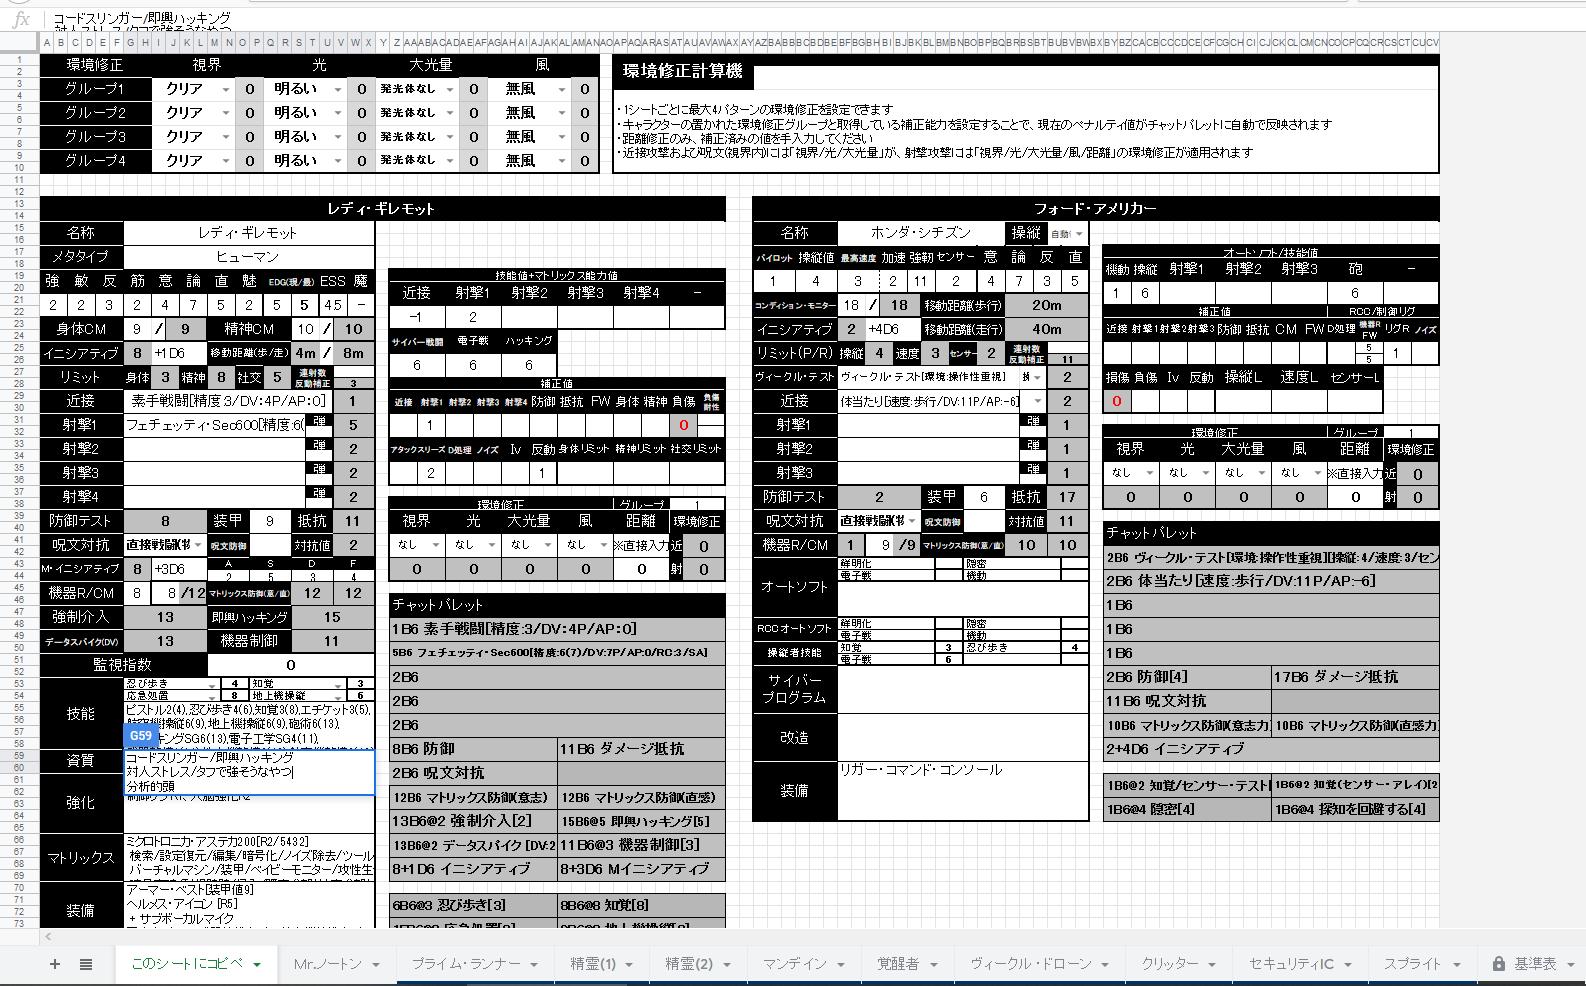 戦闘管理シートSS01